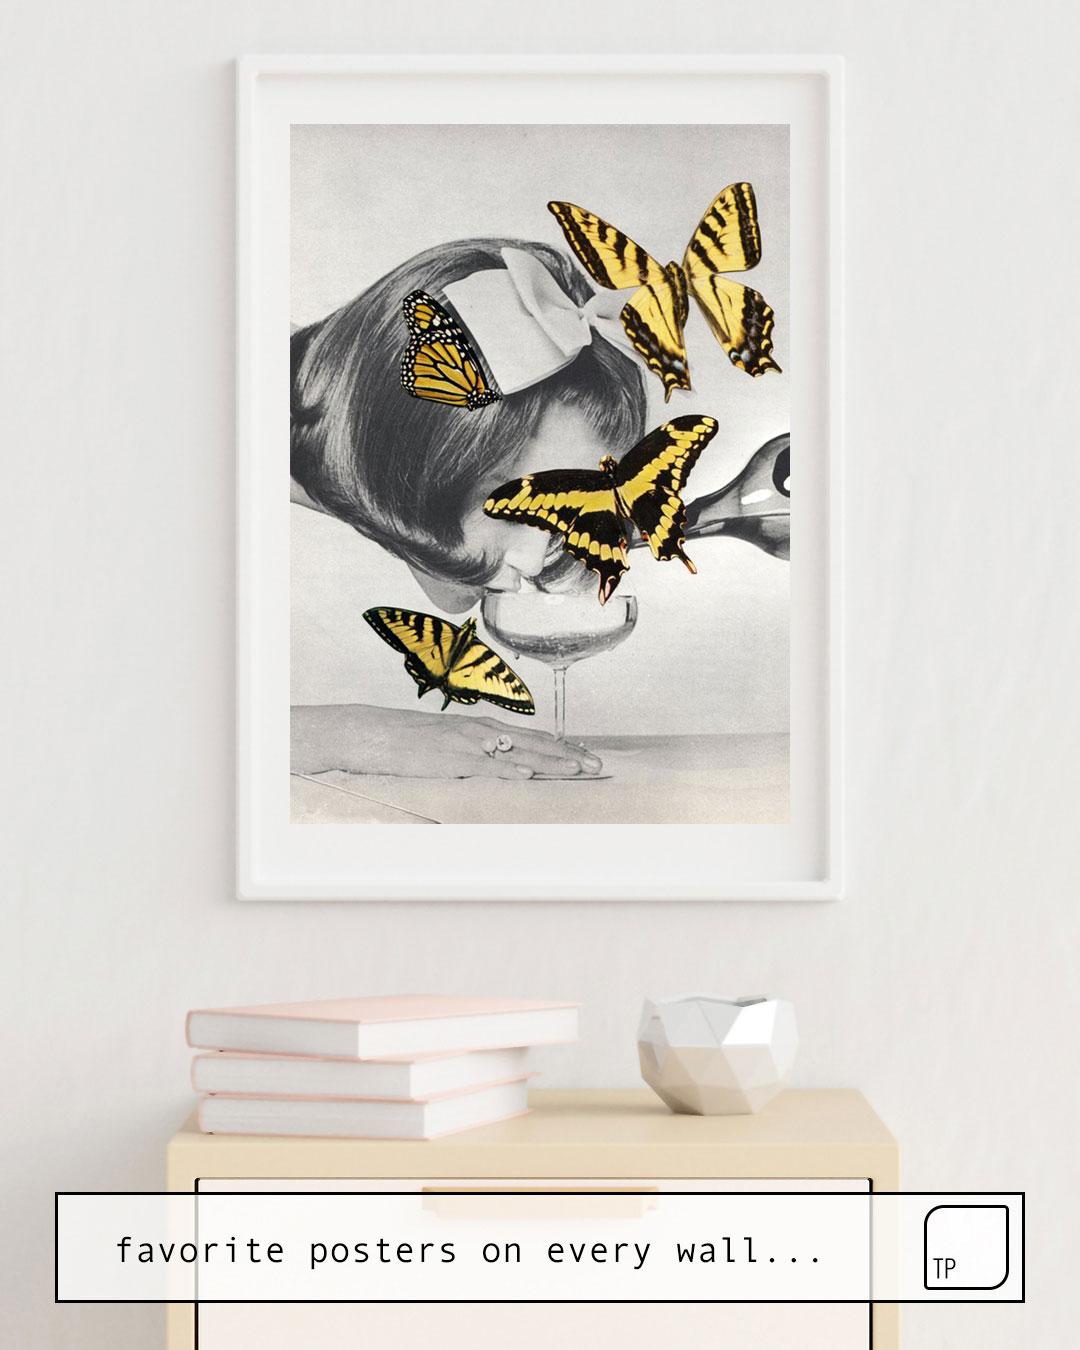 La photo montre un exemple d'ameublement avec le motif TIPSY par Beth Hoeckel comme peinture murale